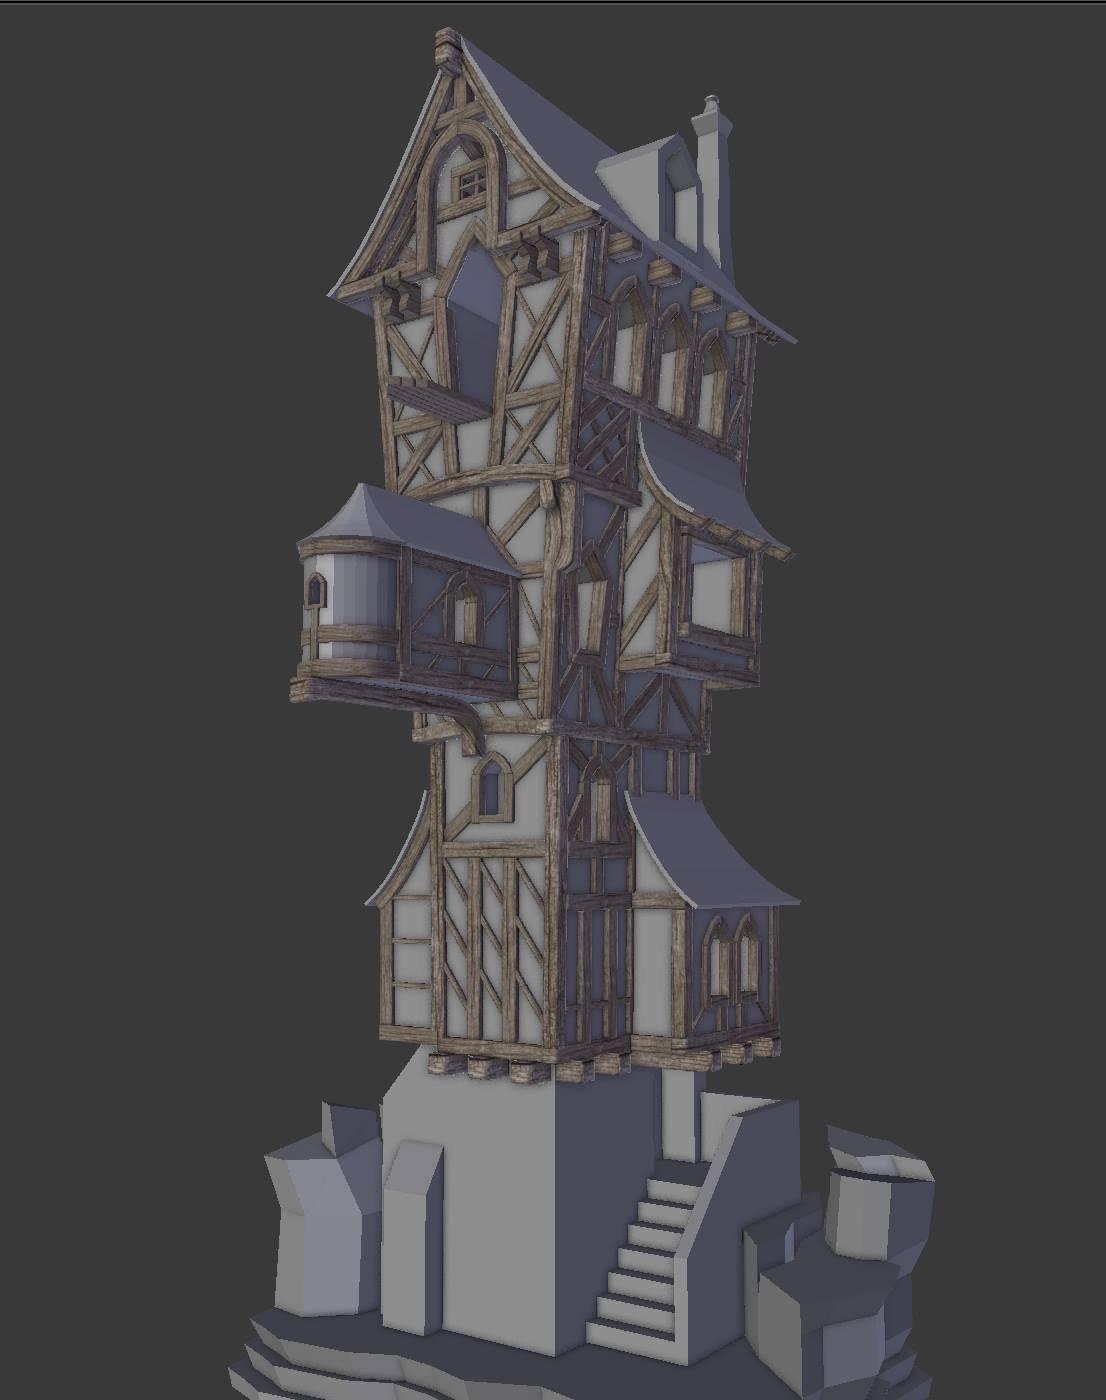 """Cliff Tower (courtesy """"Pierrick Picaut Course)"""